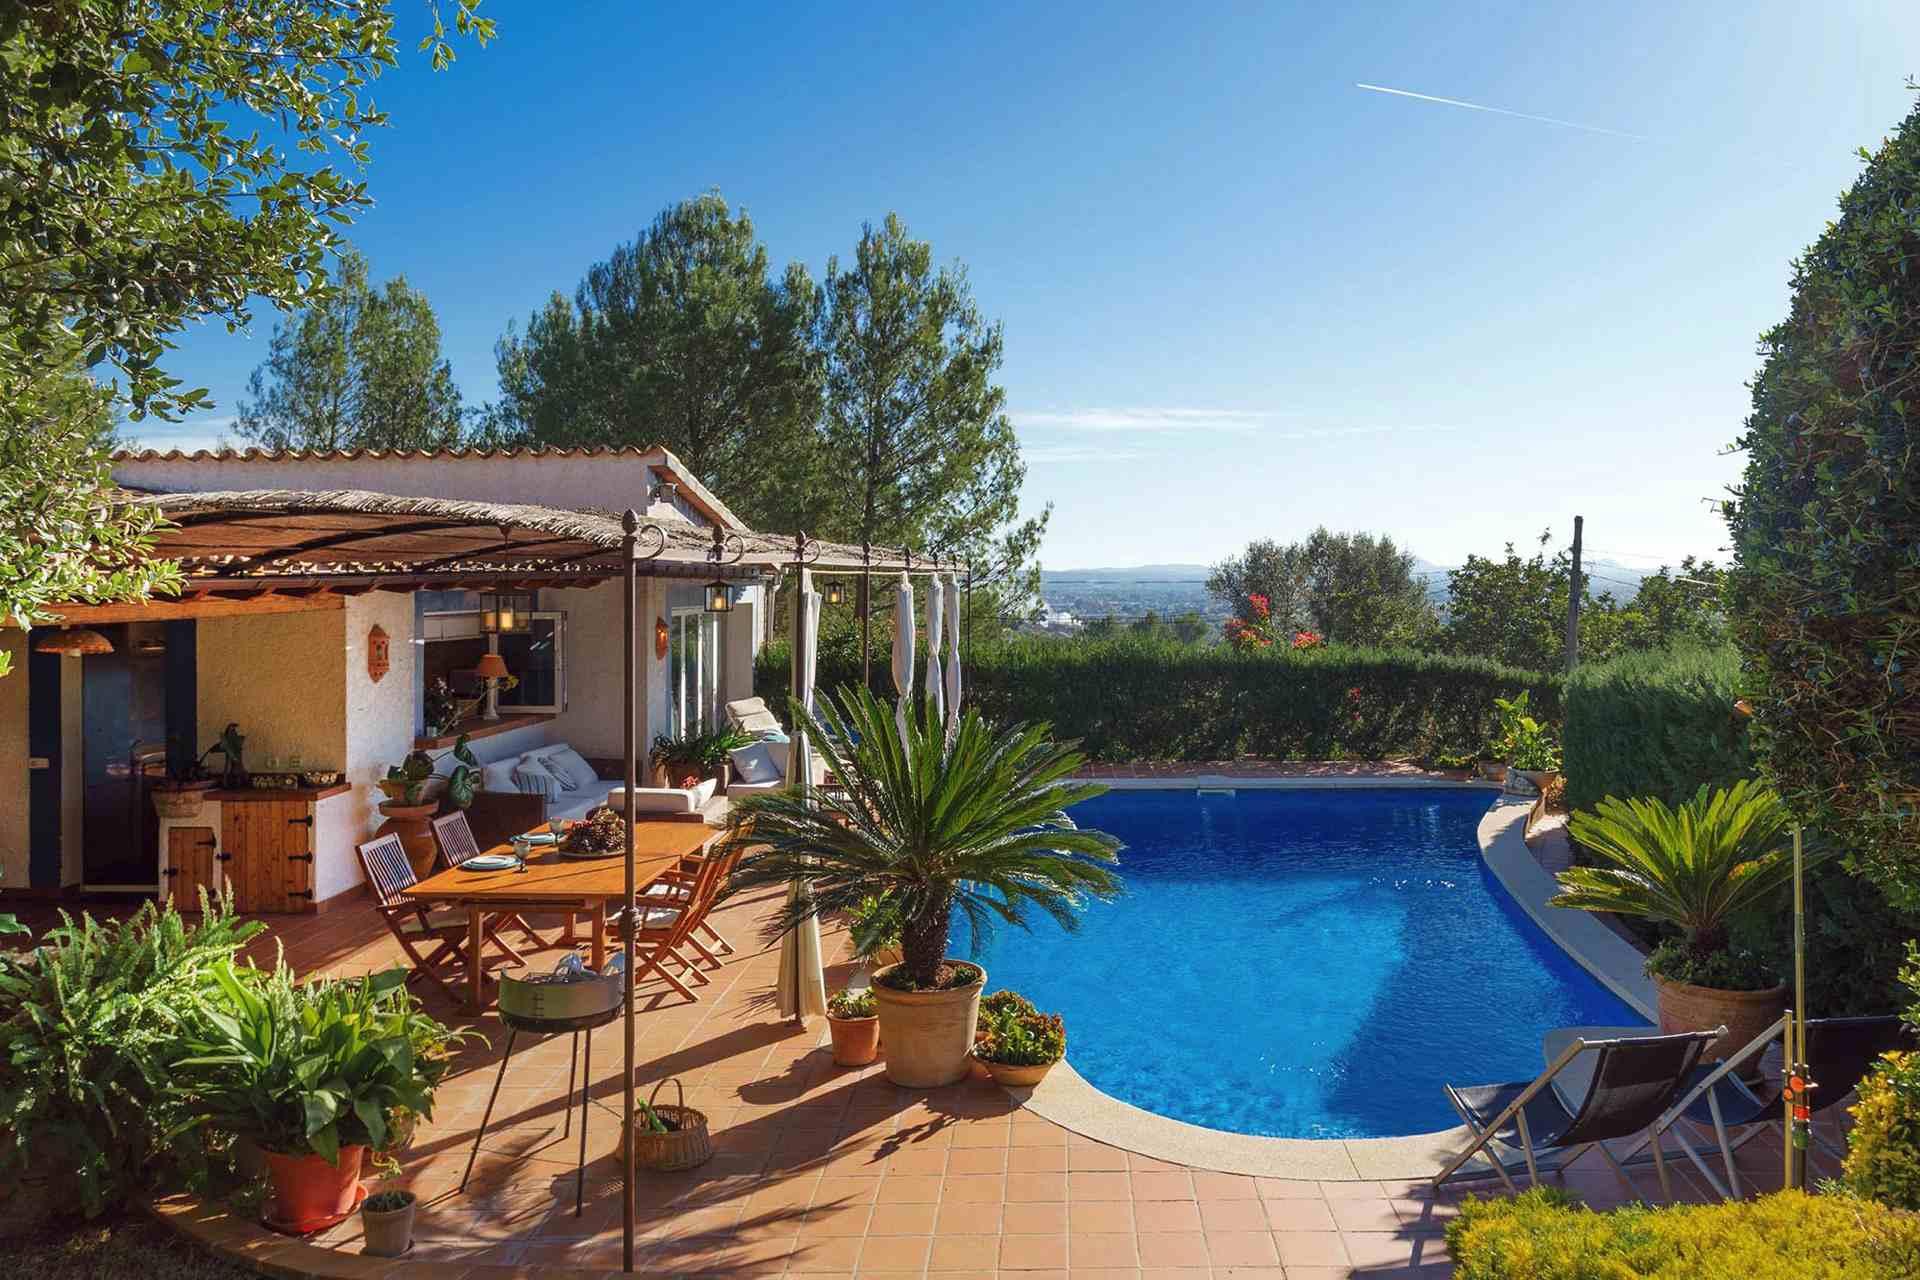 01-287 cozy Finca North Mallorca Bild 7